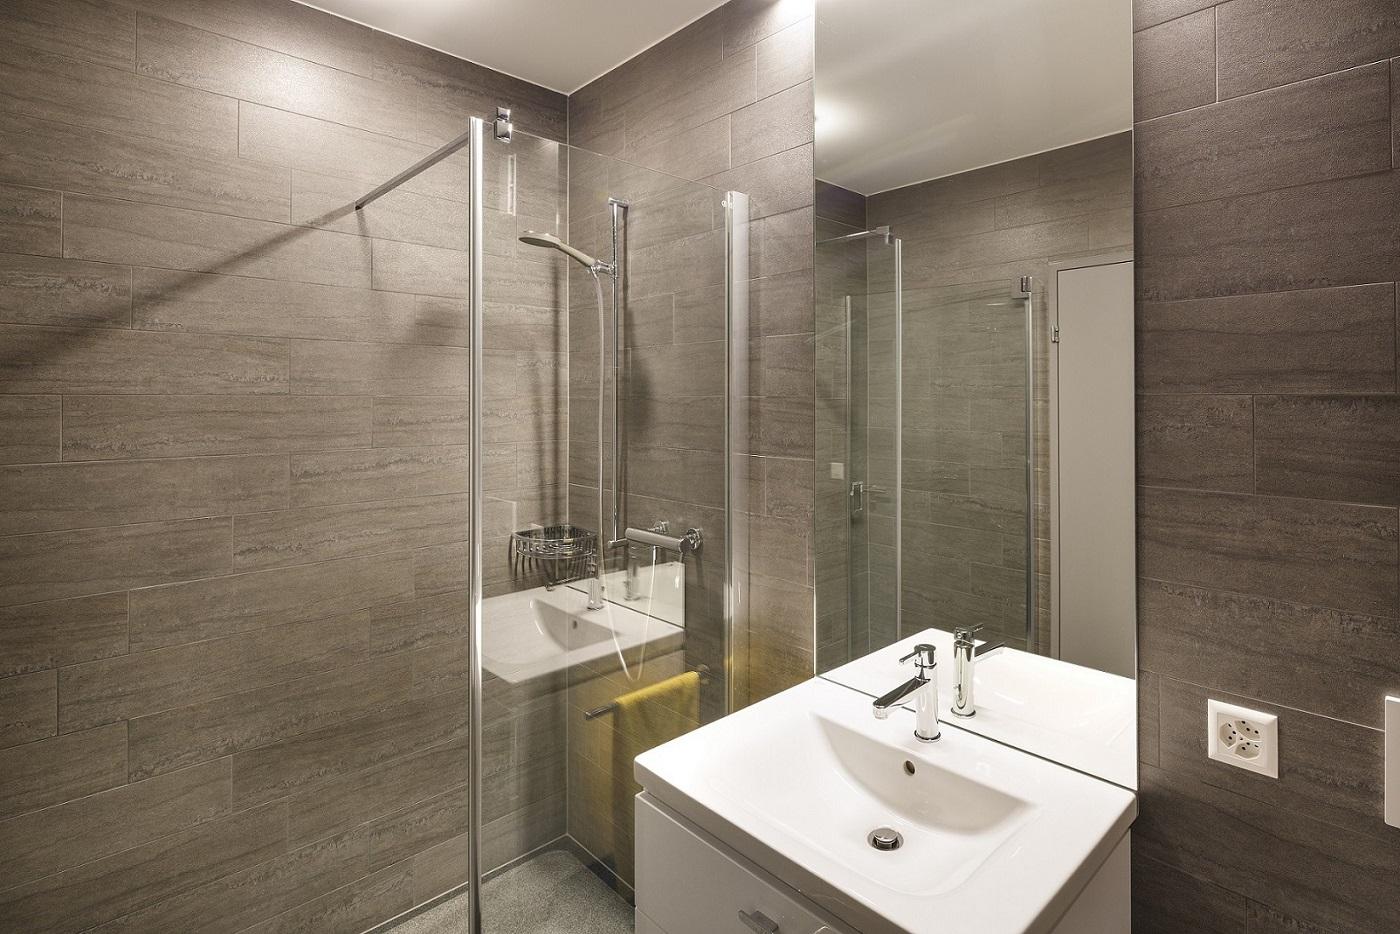 fototyp hnliches schlafzimmer 1 zimmer apartement. Black Bedroom Furniture Sets. Home Design Ideas